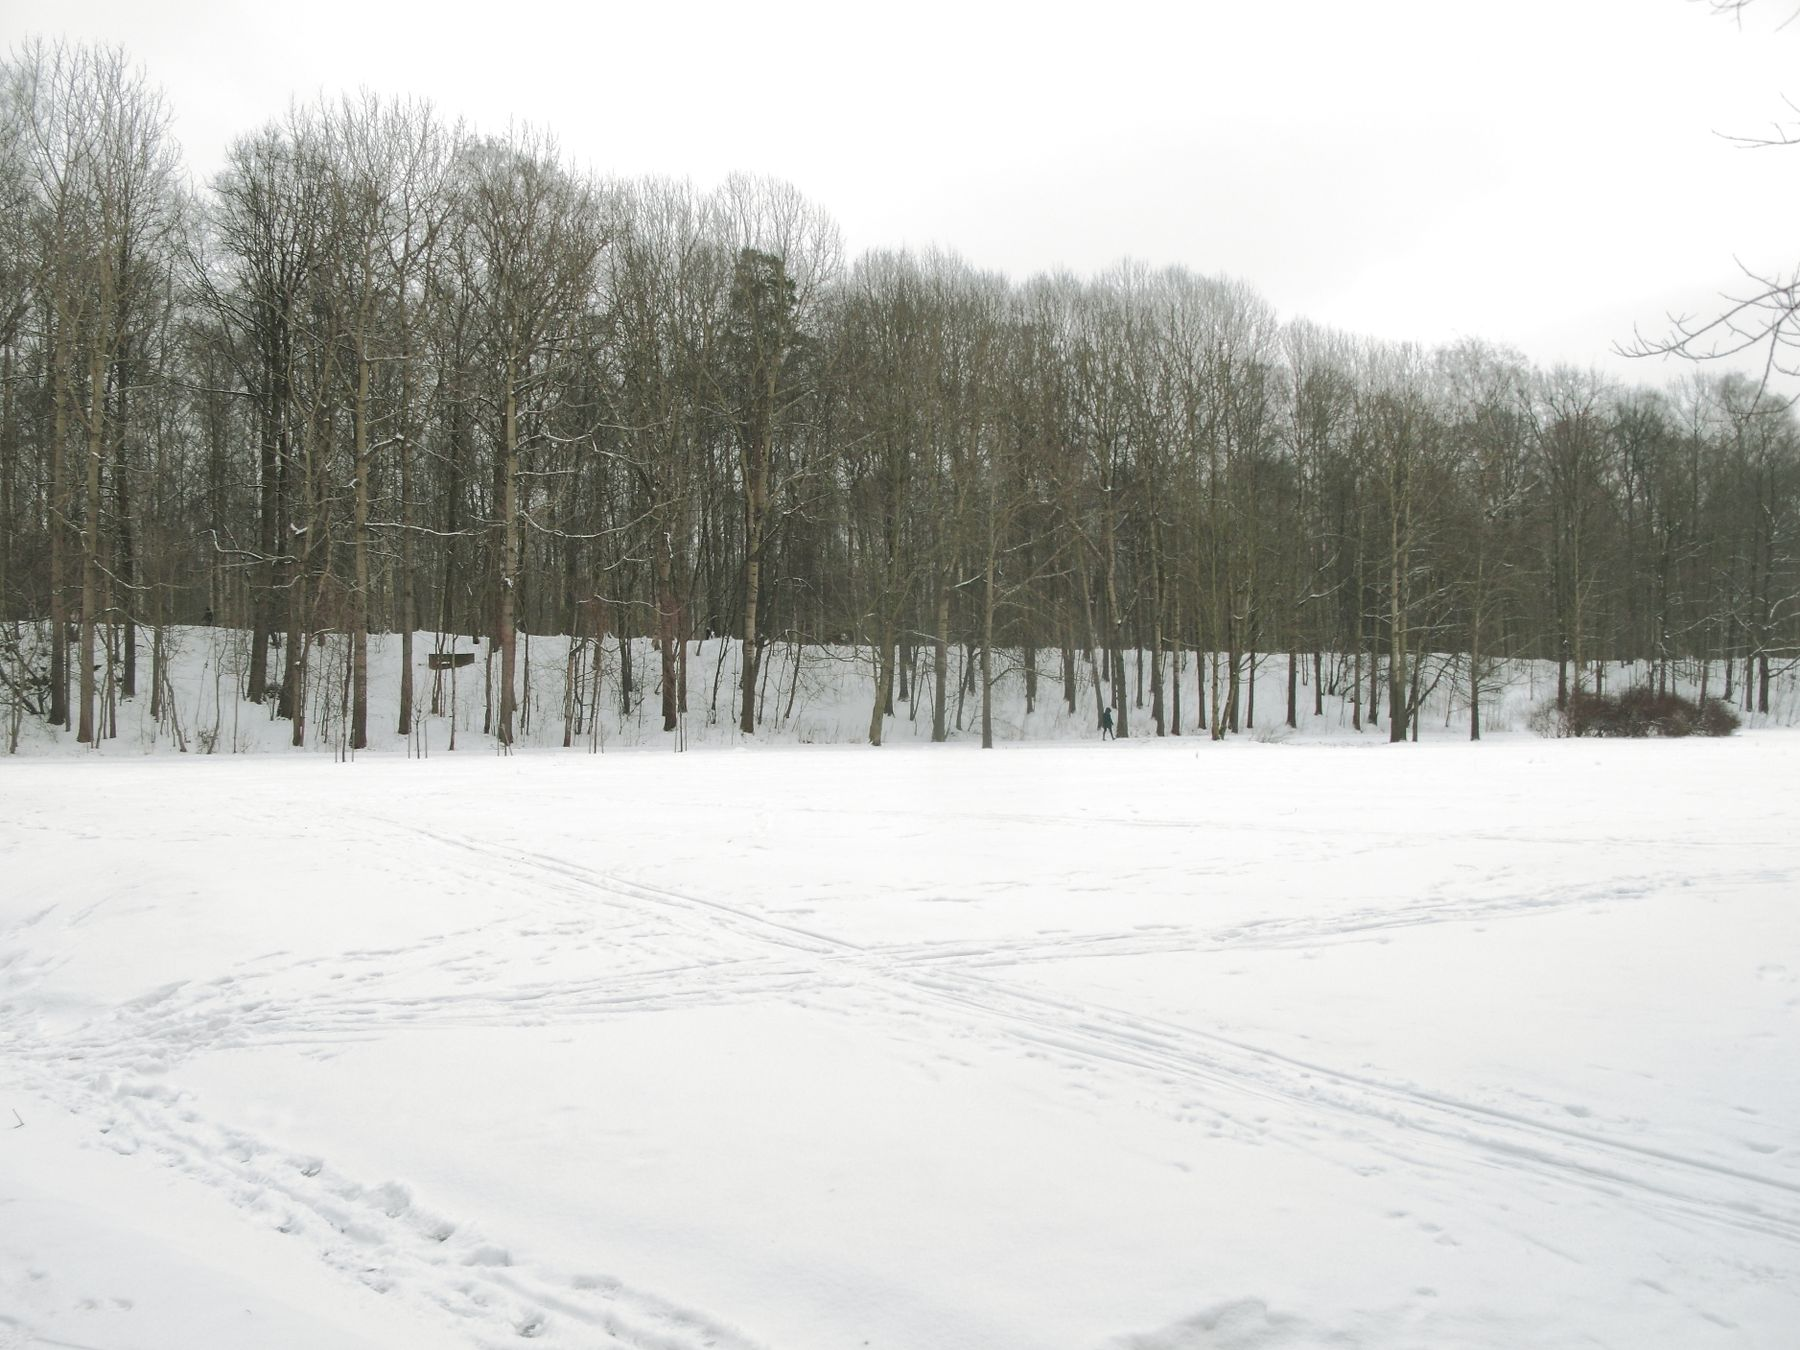 Зимний этюд зима природа Удельный парк